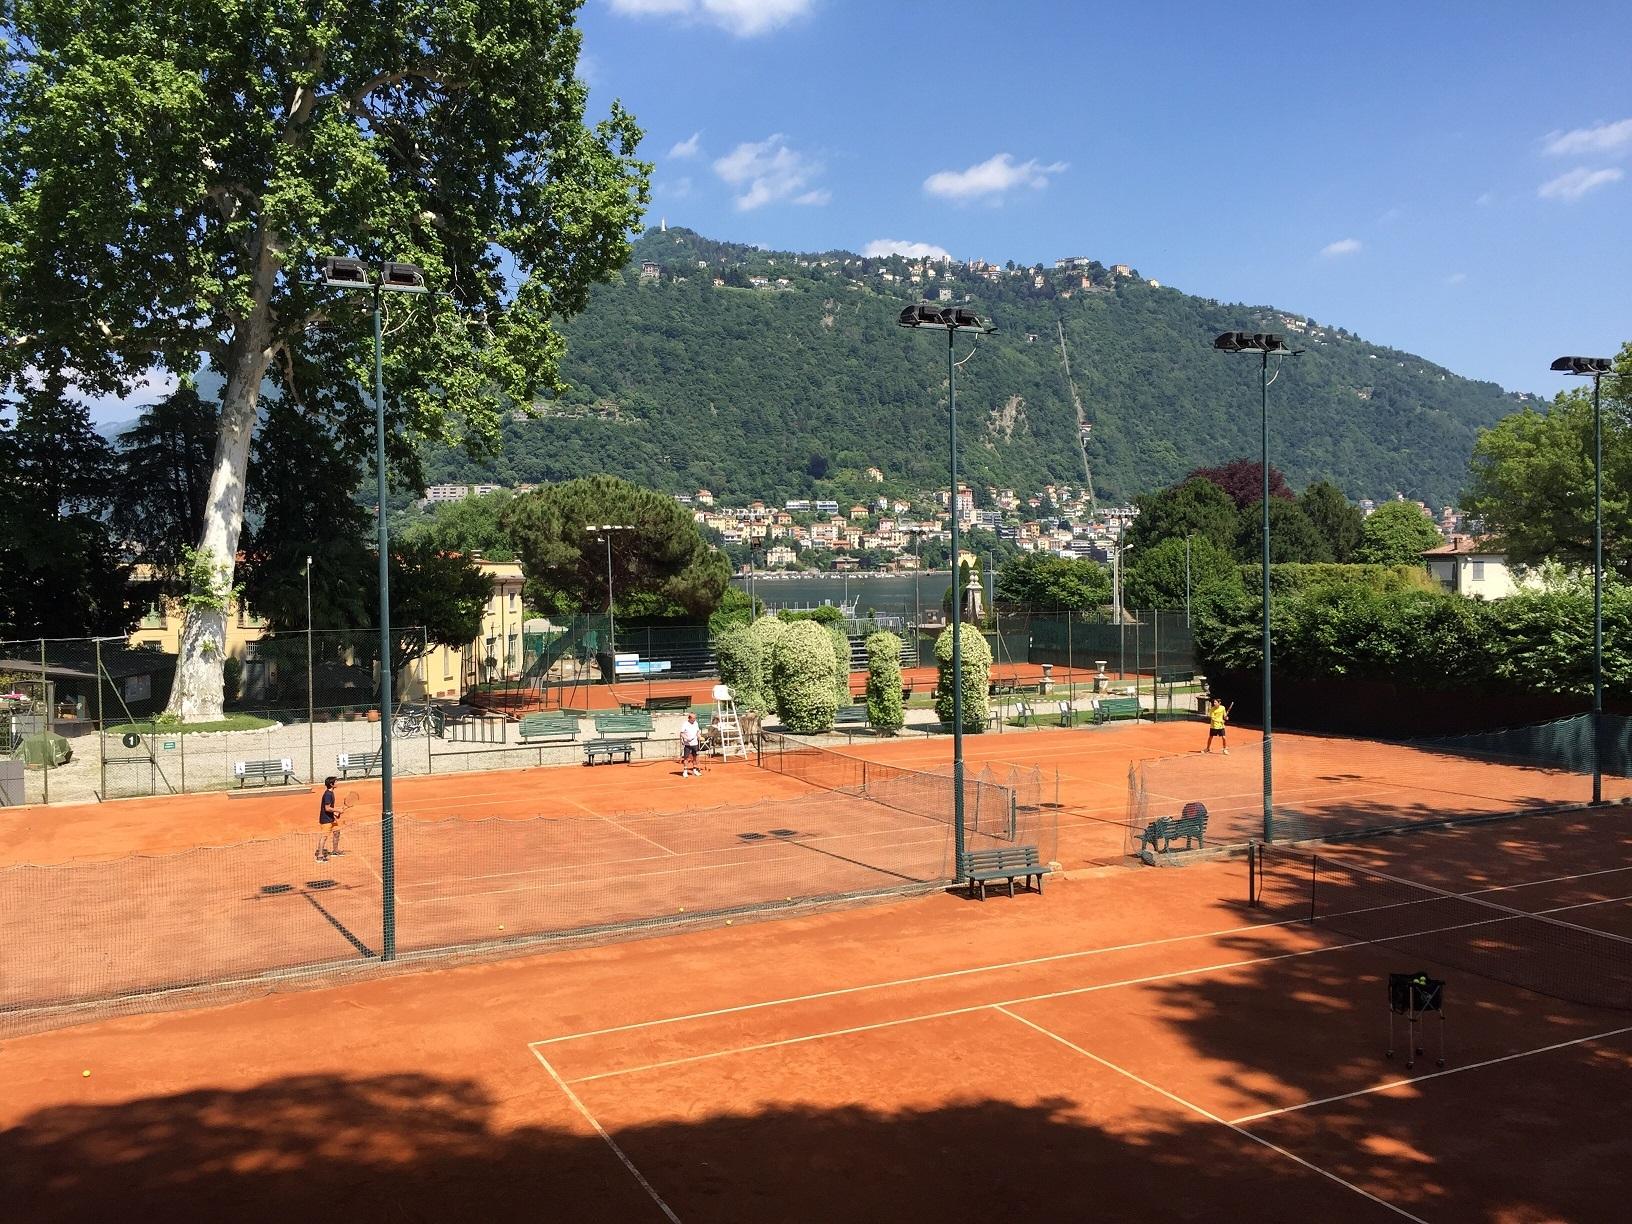 Scuola tennis di Villa Olmo: tennis per tutti nei mesi di giugno e luglio